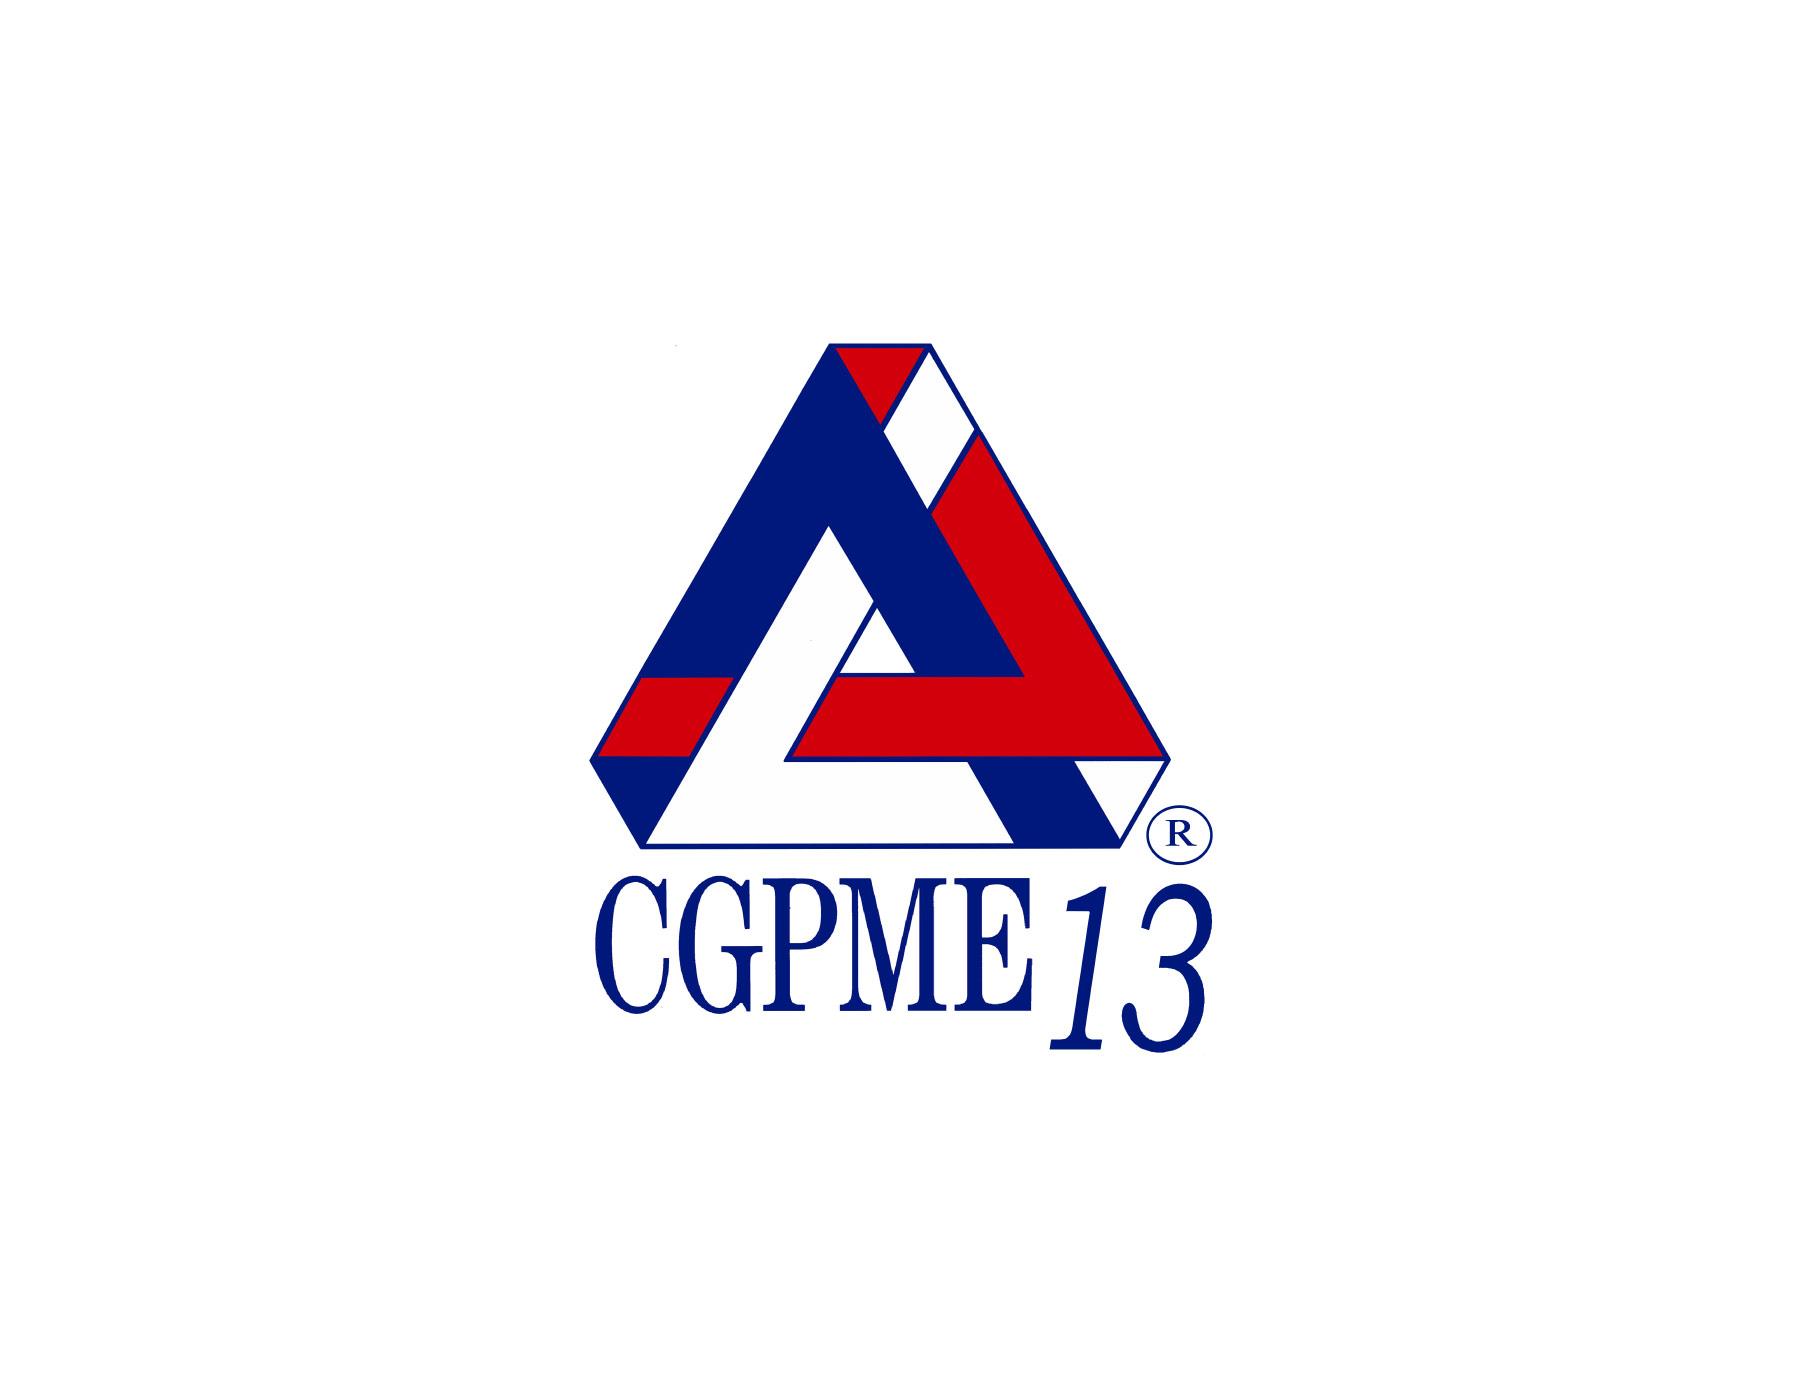 CGPME13